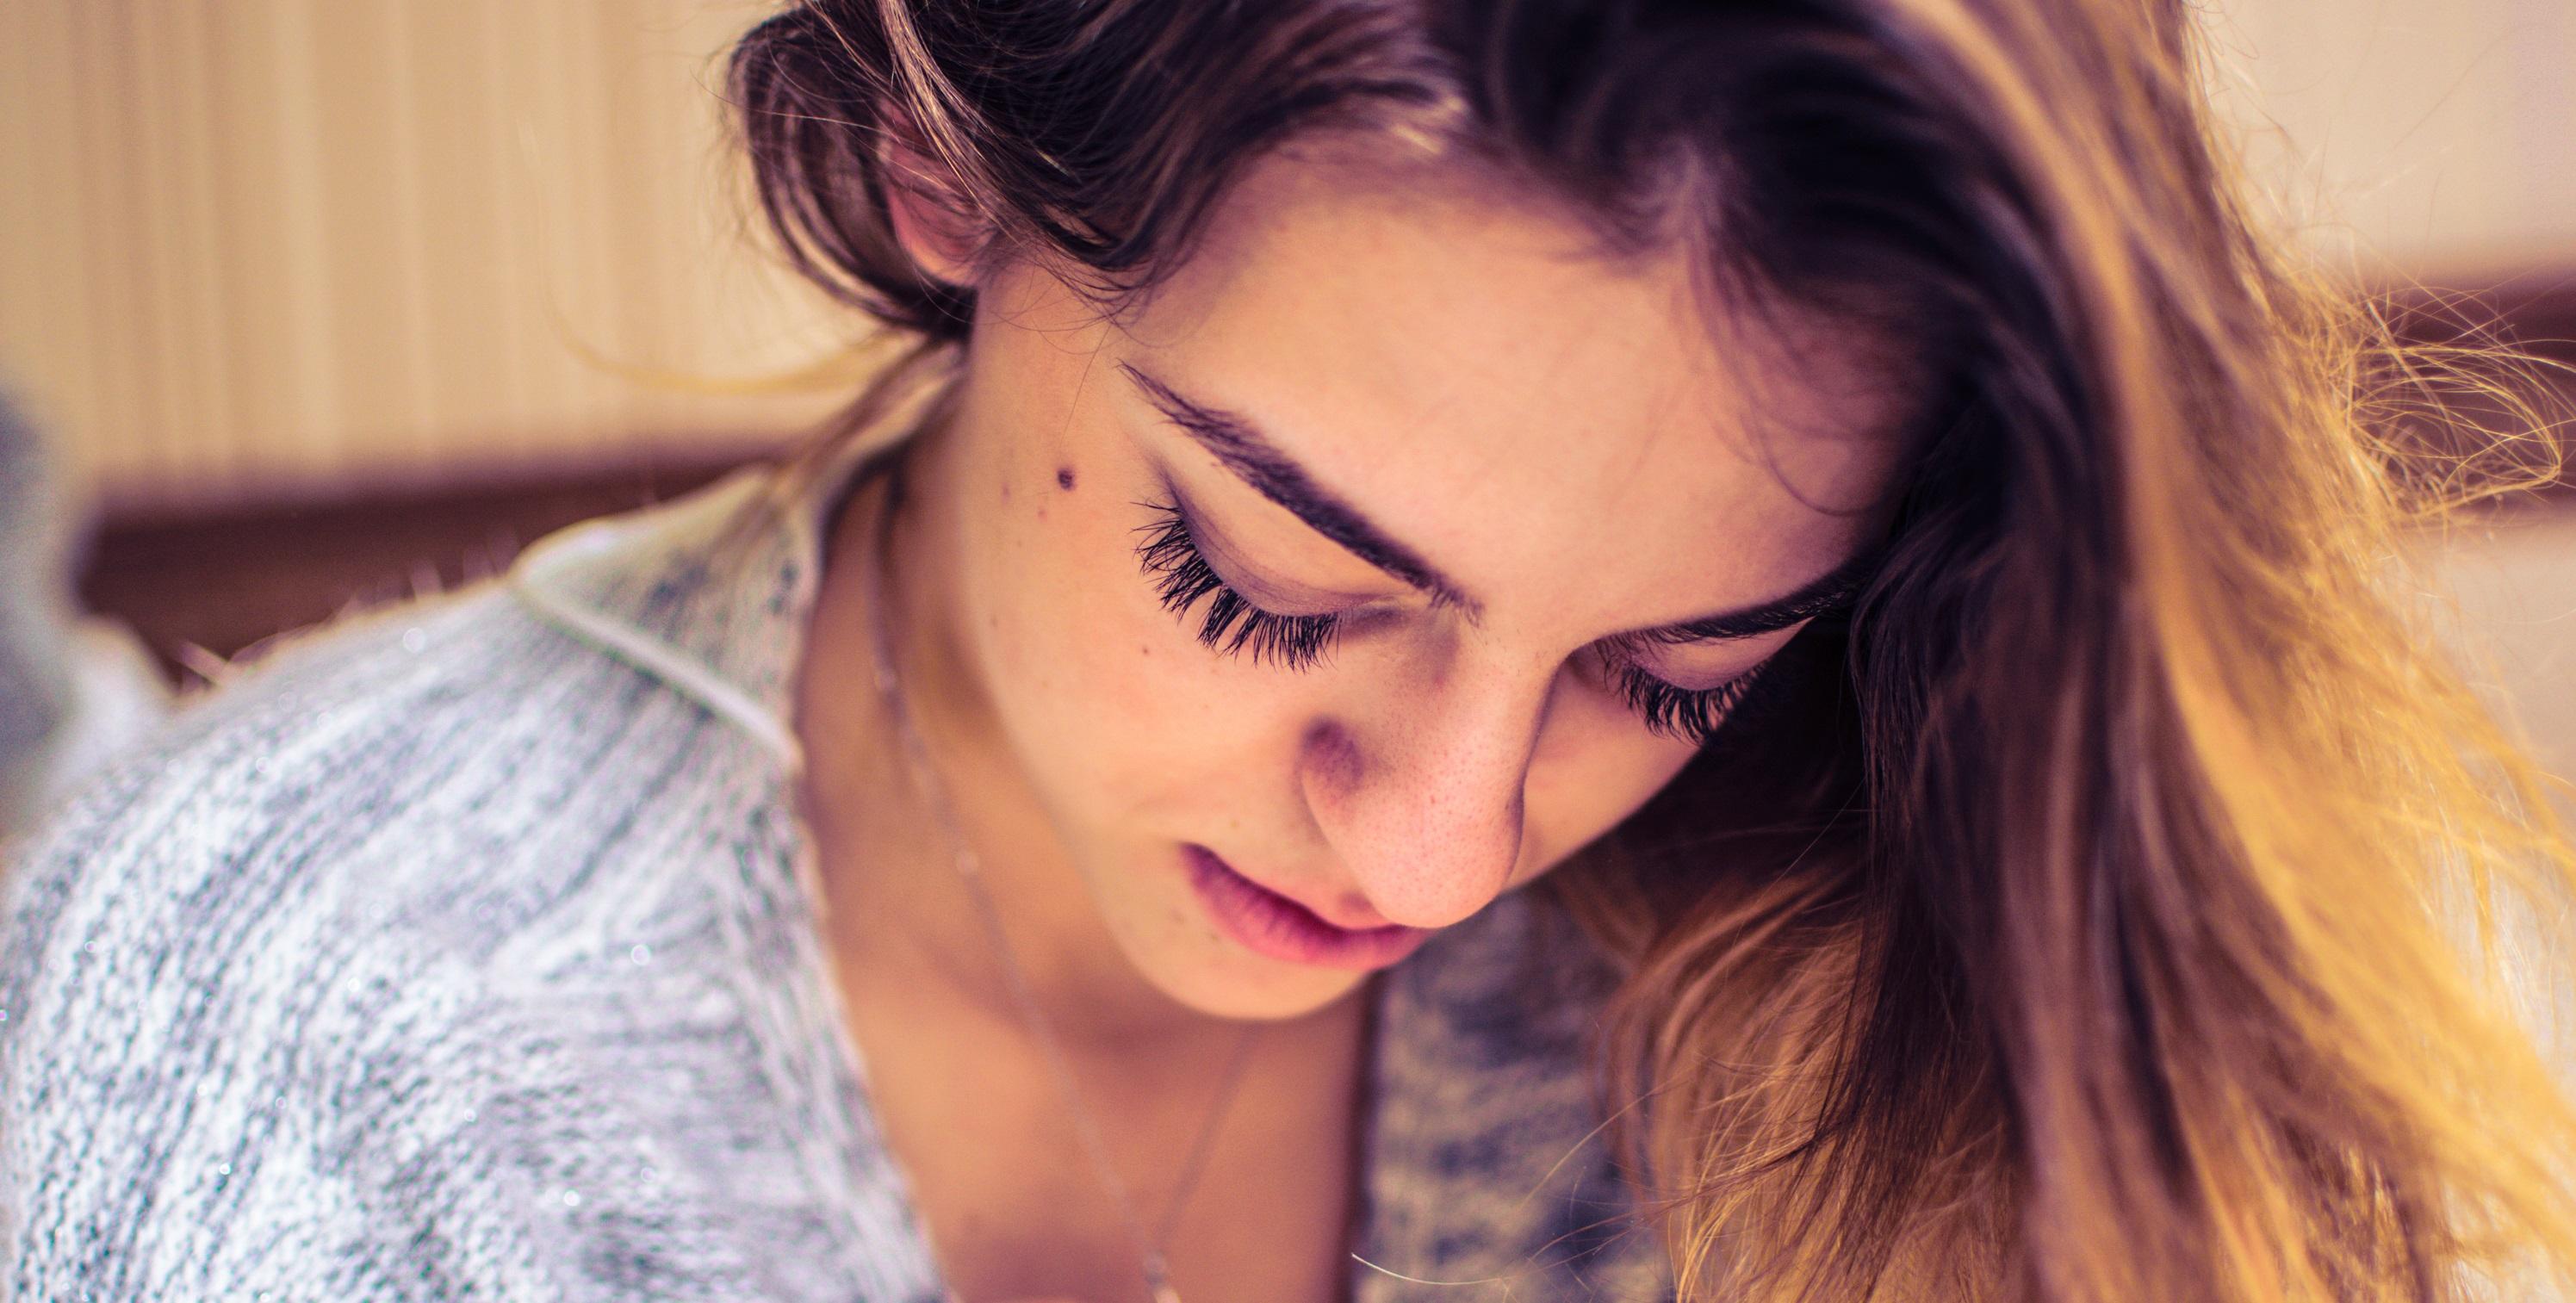 Nem is gondolnánk, hogy pszichés állapotunk milyen mértékben befolyásolja fejbőrünk működését! A korpa, a piros foltok, vagy a páncélszerű lerakódás egy betegség tünete is lehet. A pikkelysömöré?!